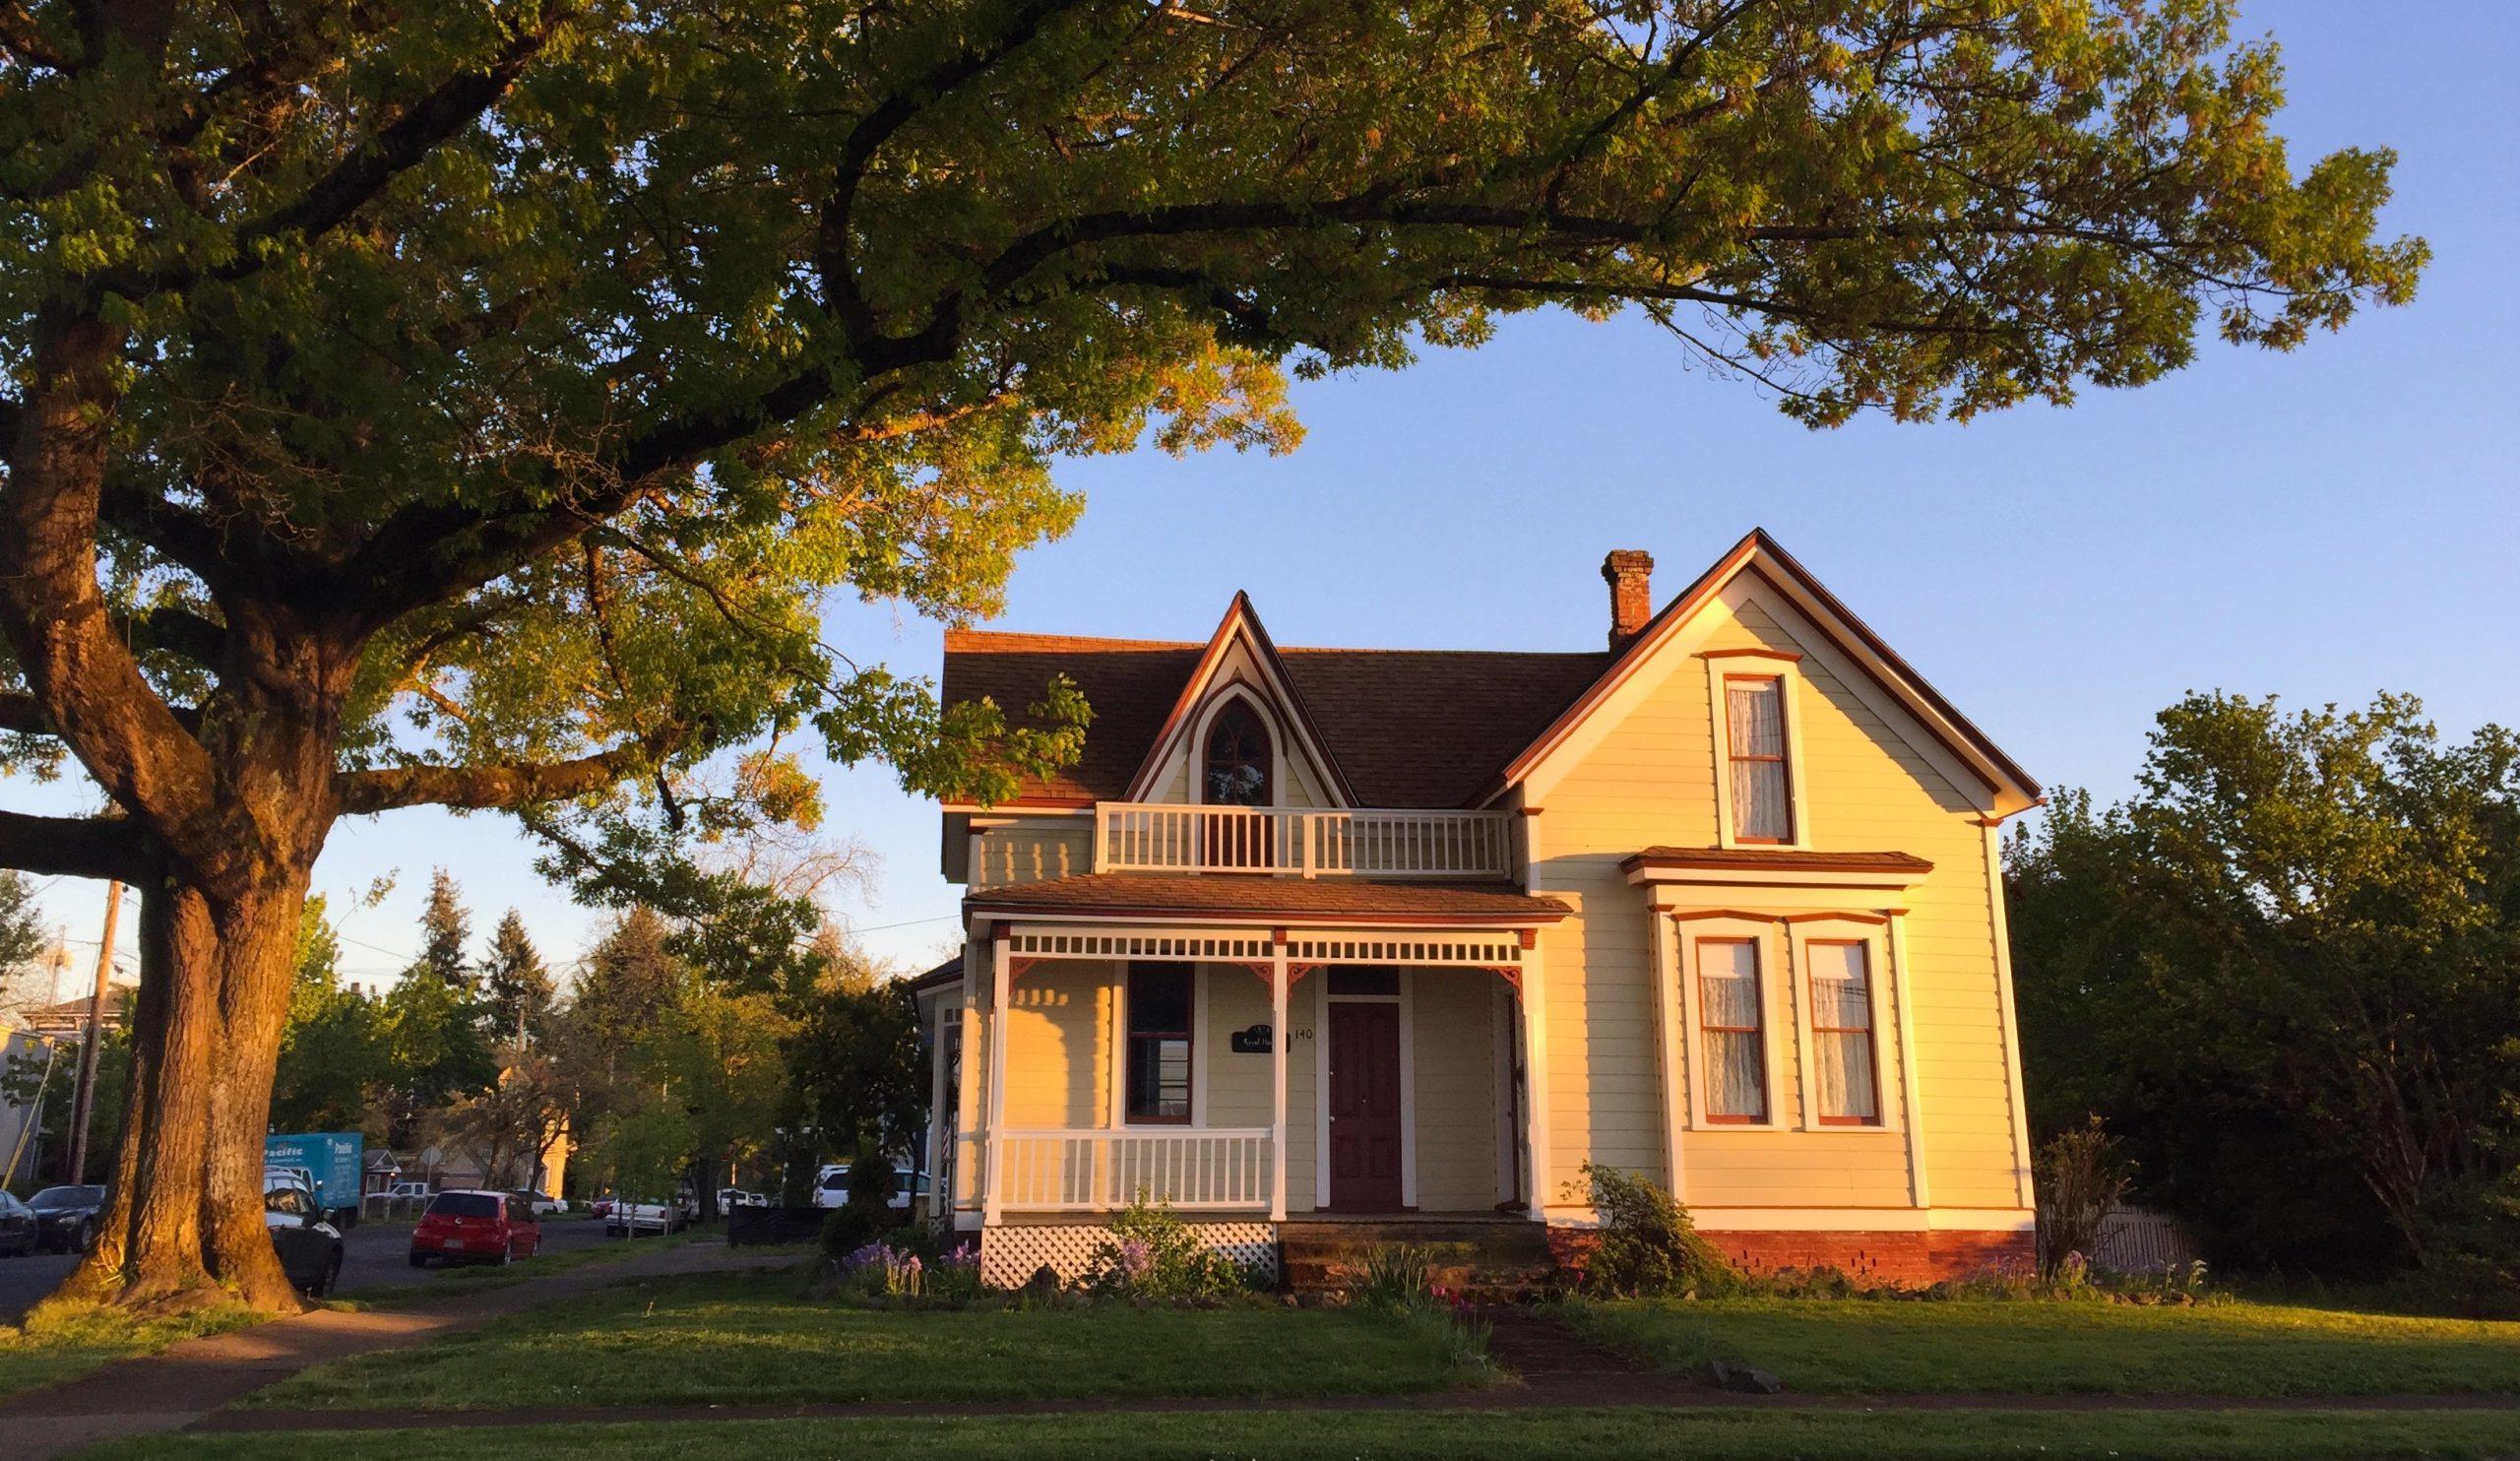 Photo of Gothic Style house, Albany, Oregon.